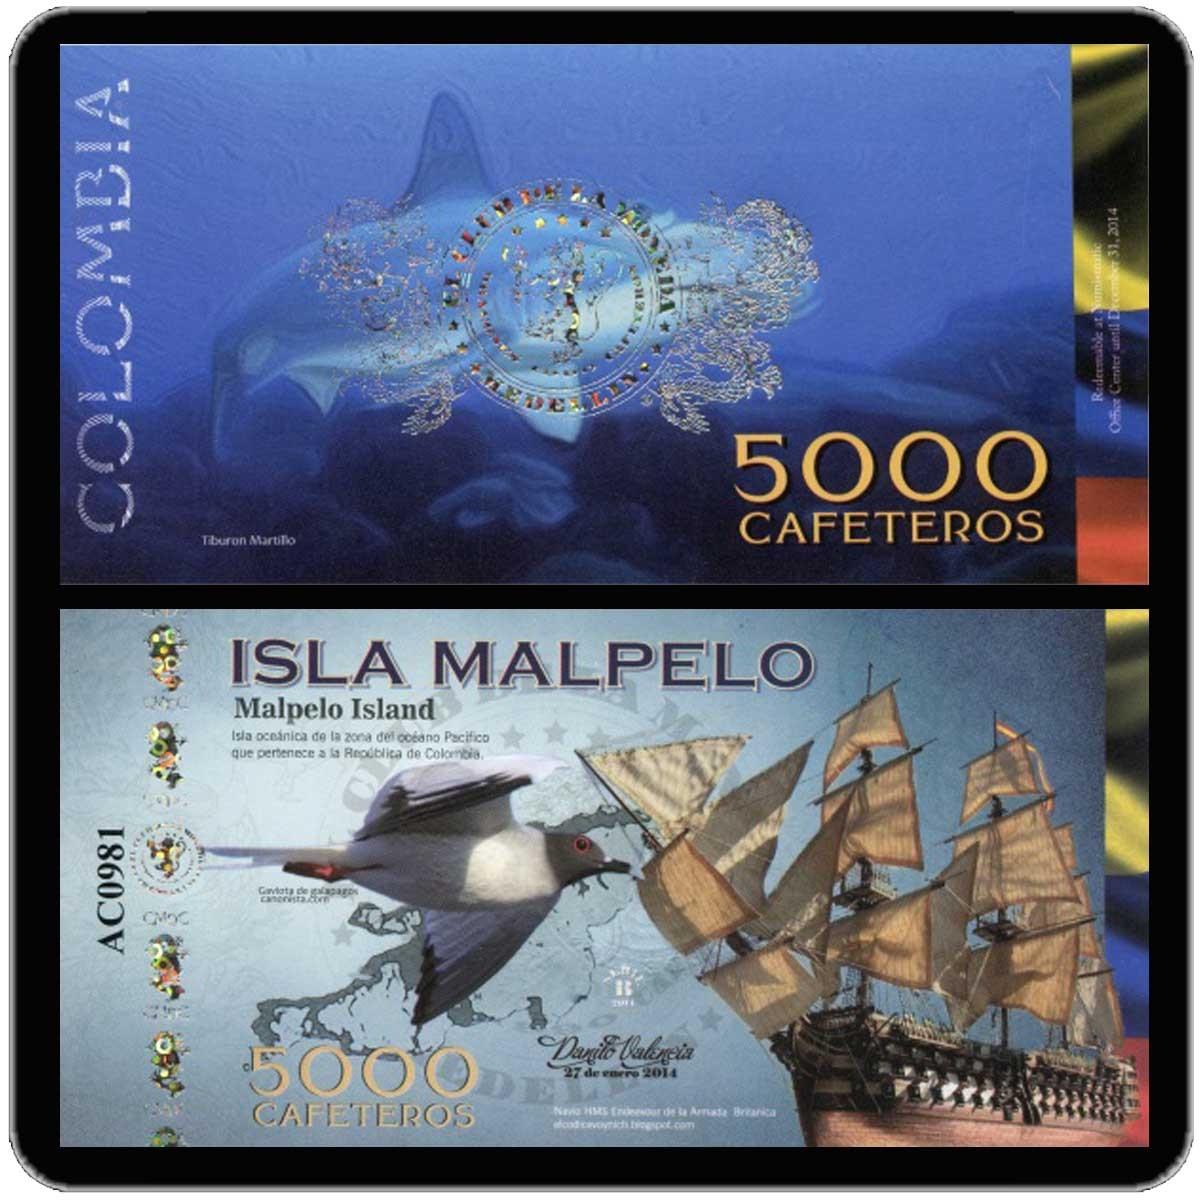 Колумбия 5000 кафетерос 2014 года (юбилейная банкнота) код 0324